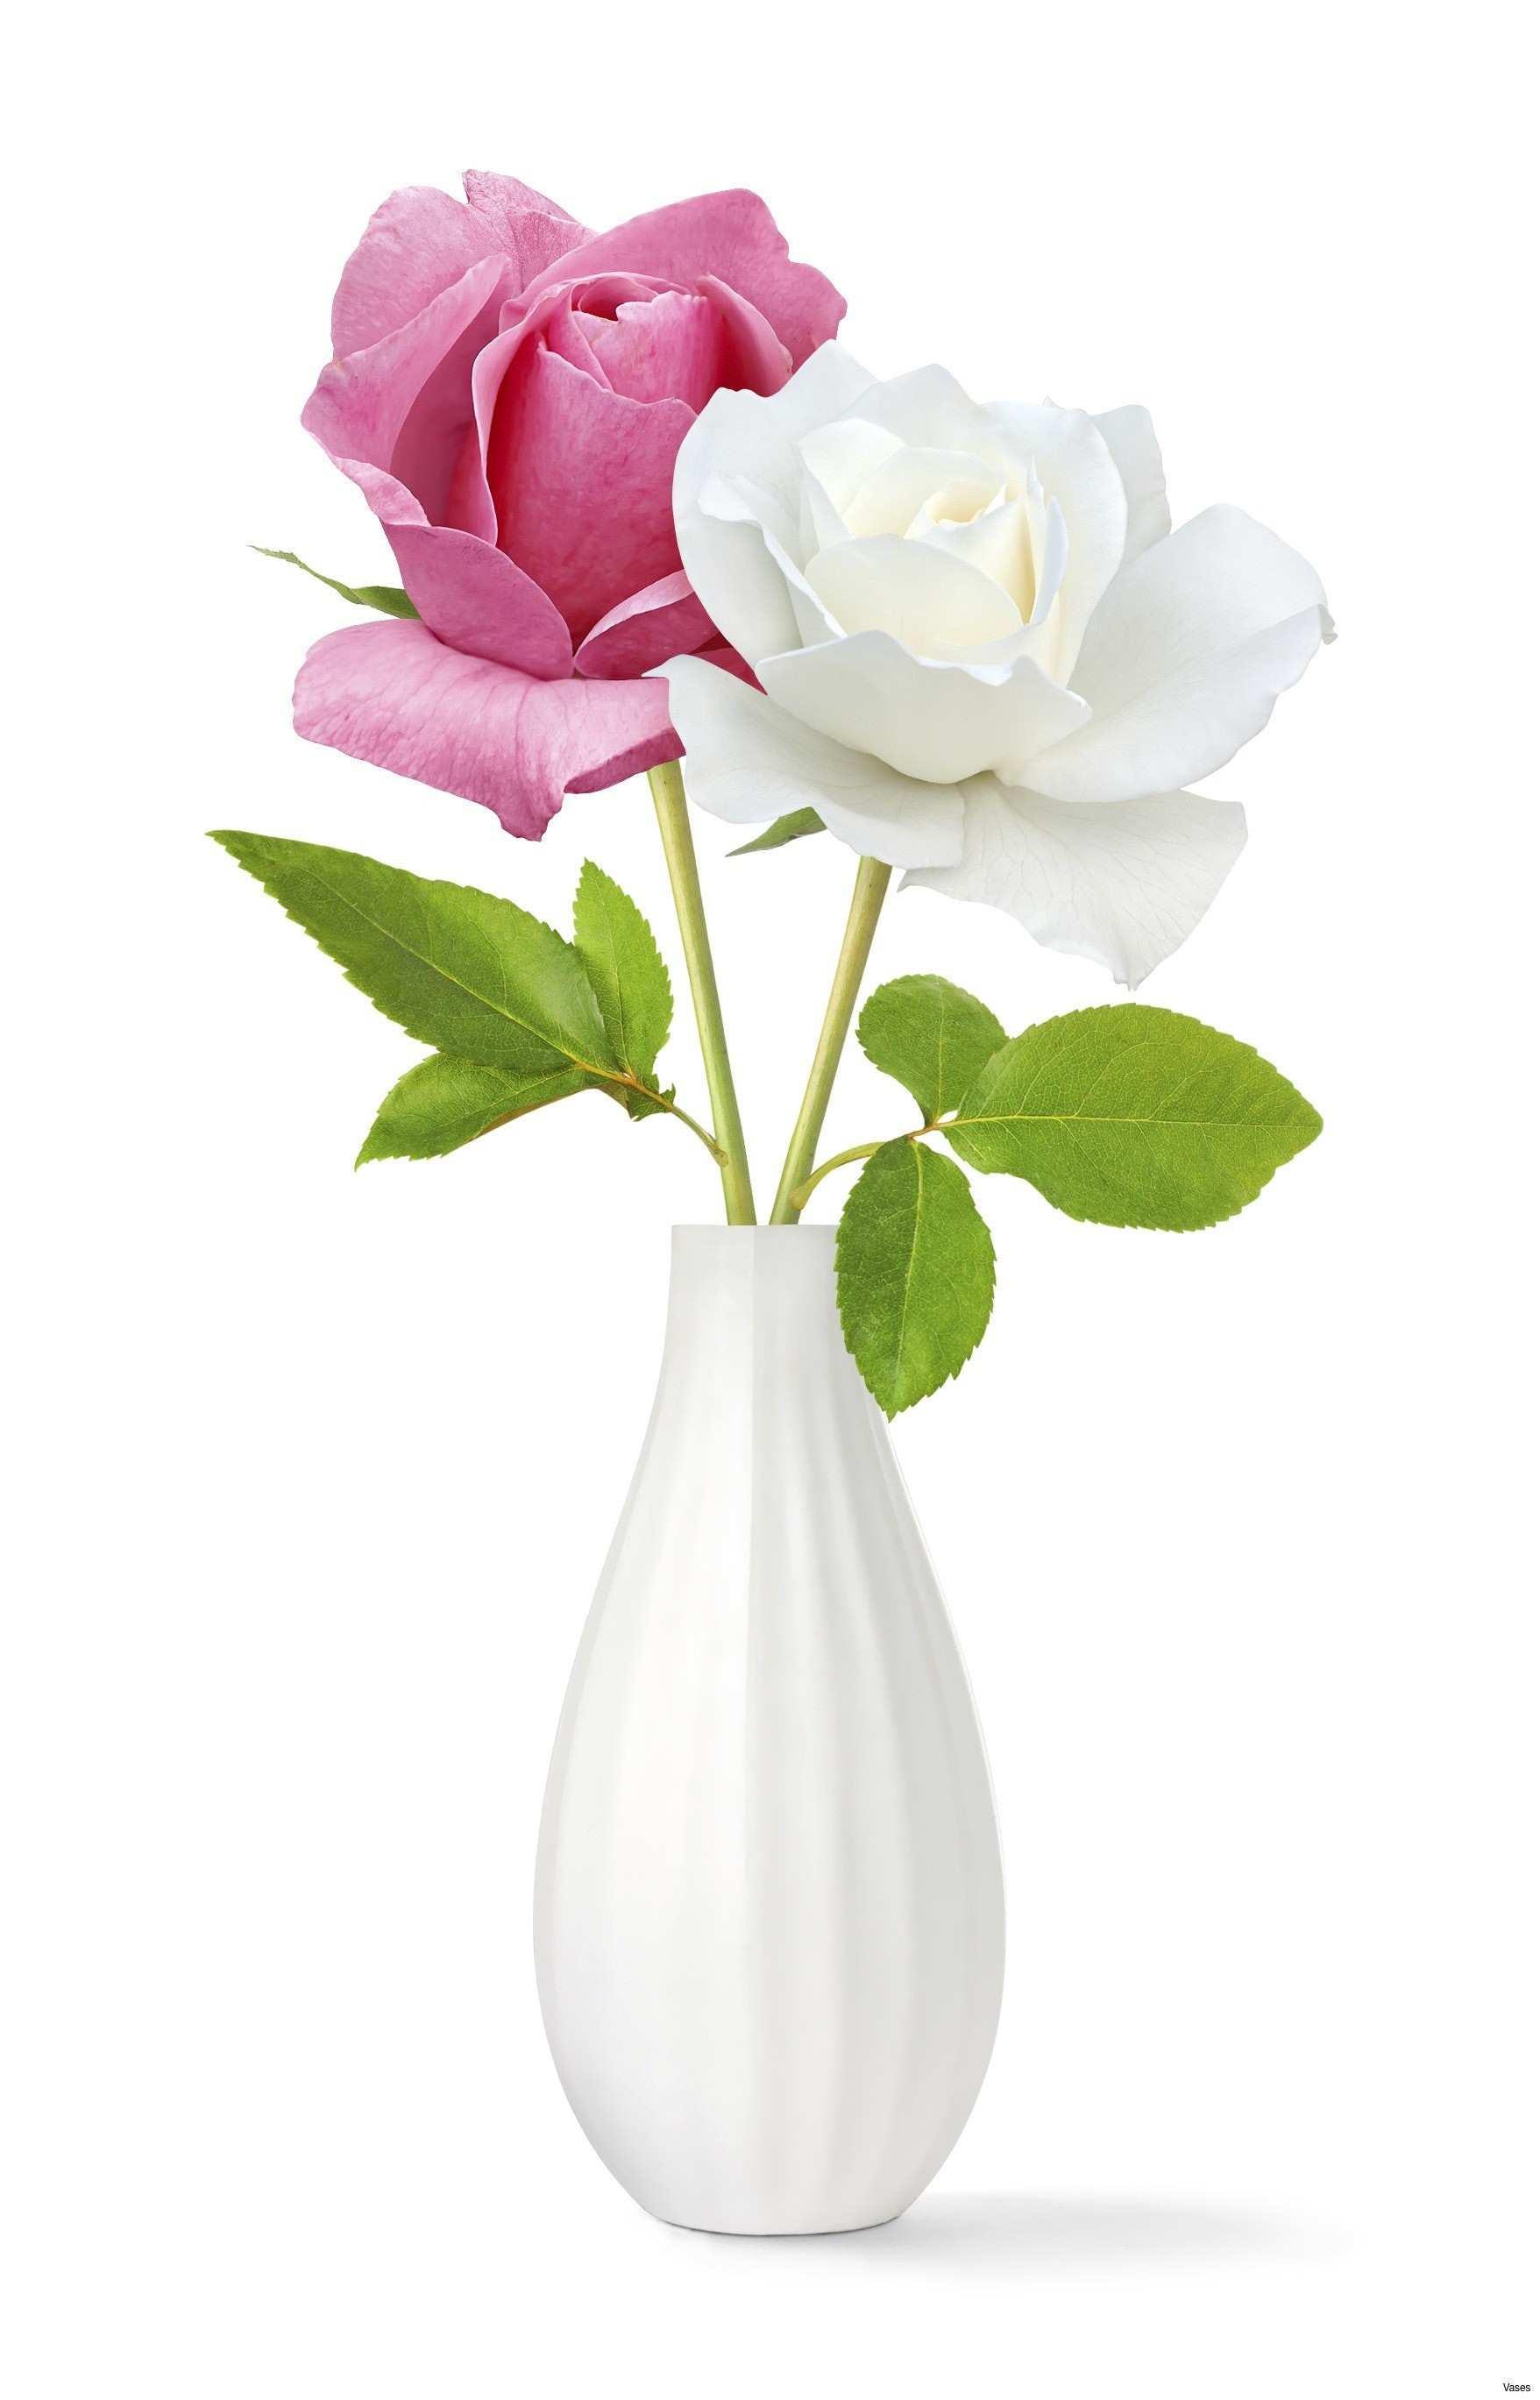 cheap wholesale flower vases of best garden flowers luxury roses red in a vase singleh vases rose throughout best garden flowers luxury roses red in a vase singleh vases rose single i 0d scheme